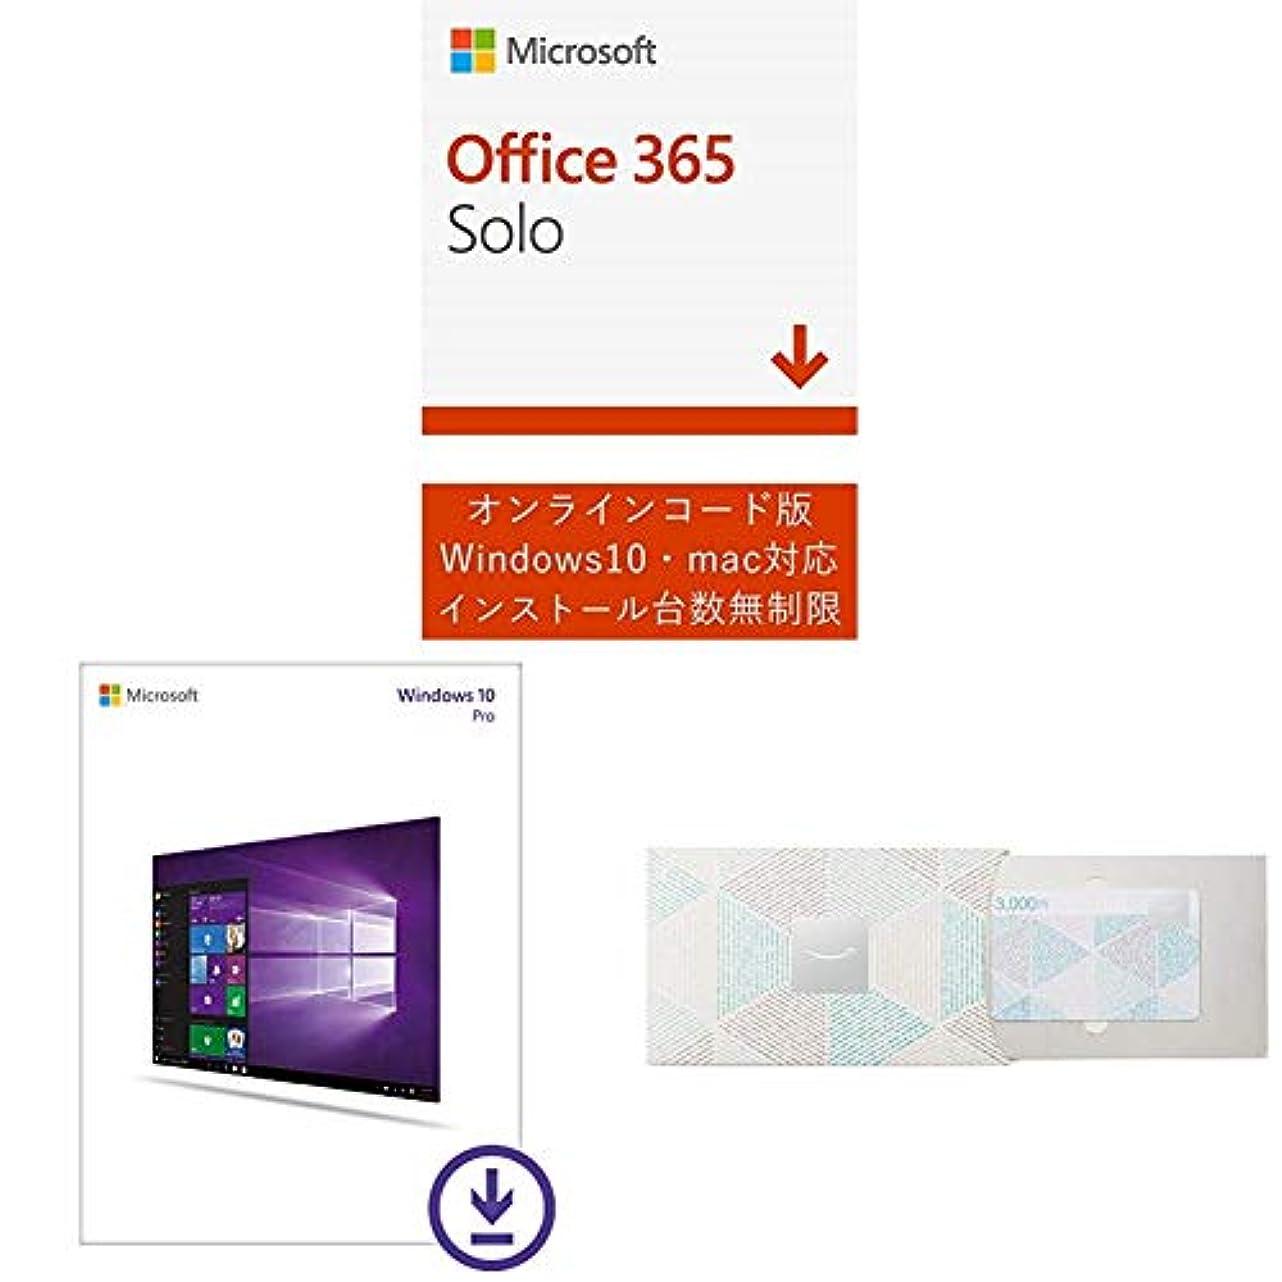 借りるメロンインゲンMicrosoft Office 365 Solo +Microsoft Windows 10 Pro (Amazonギフト券3000円付き)